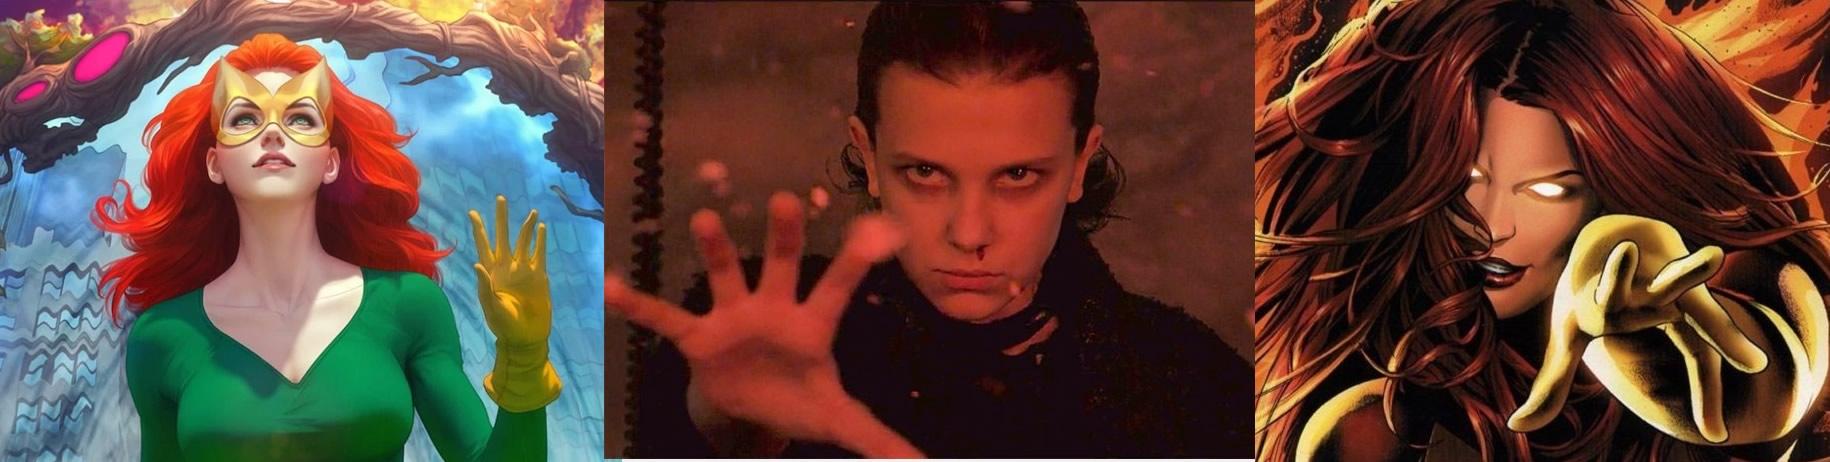 Eleven será vilã ou se voltar para o mal em Stranger Things?